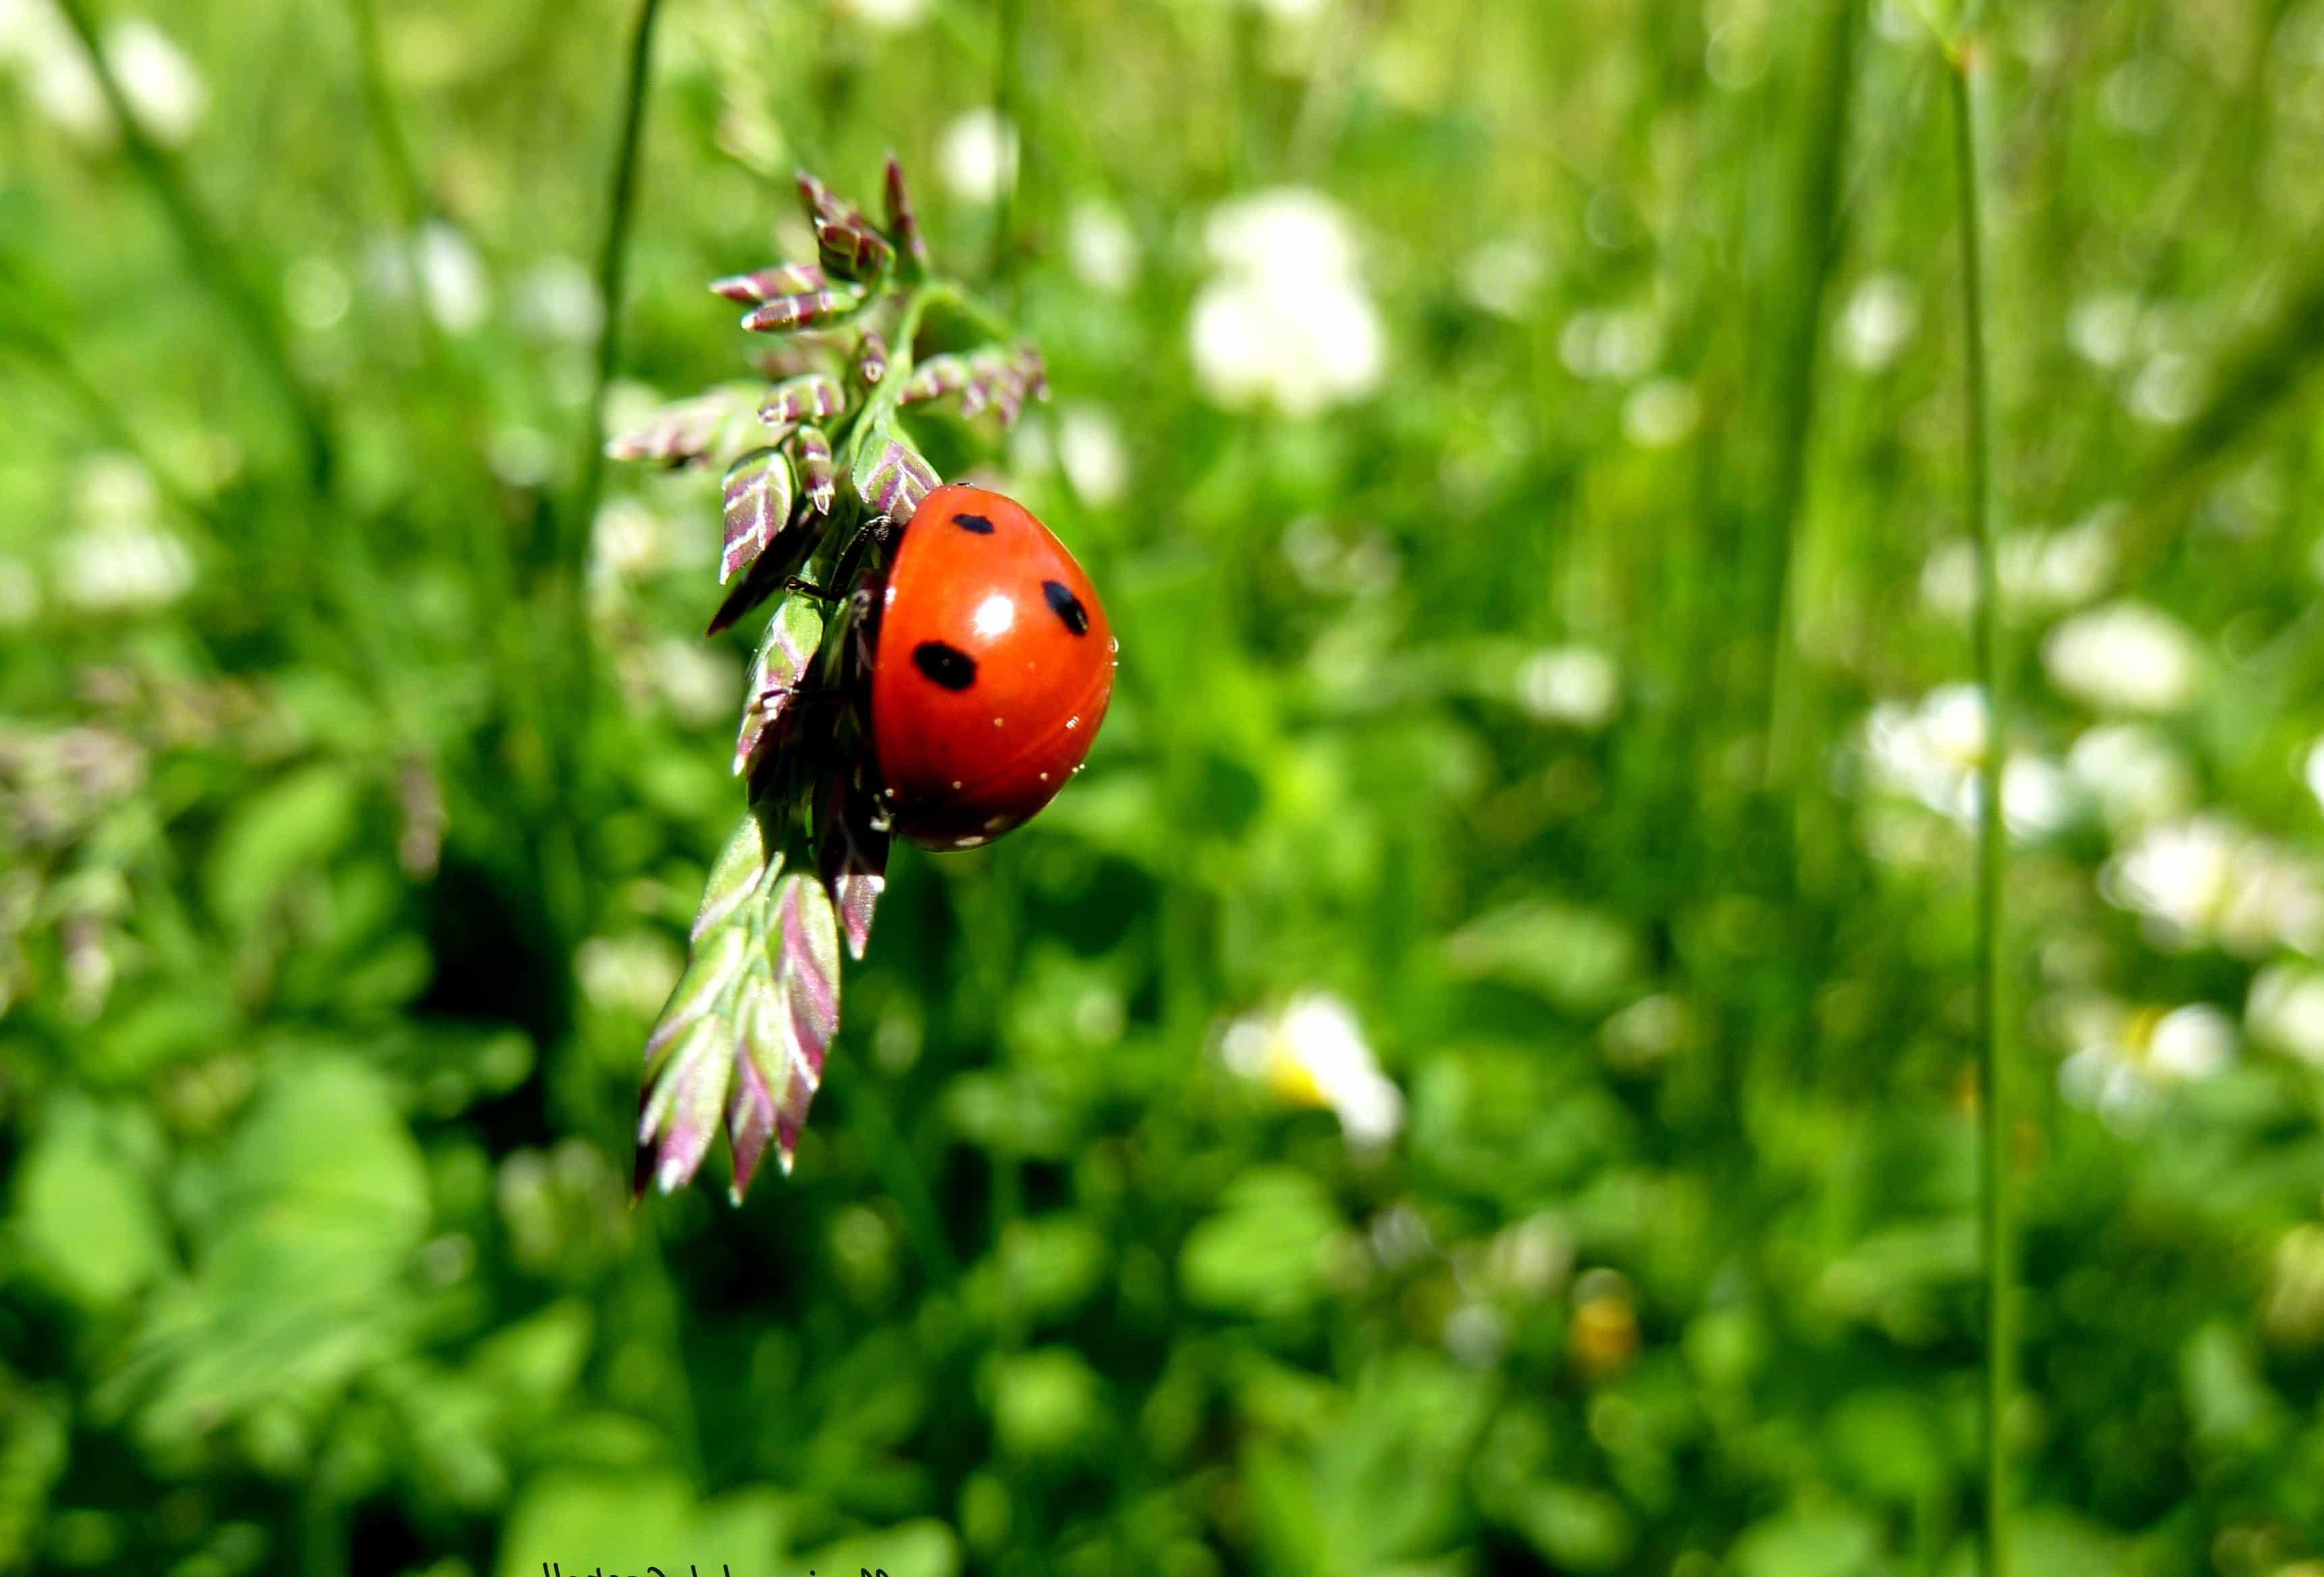 Foto gratis erba verde natura scarabeo insetto - Coccinella foto gratis ...